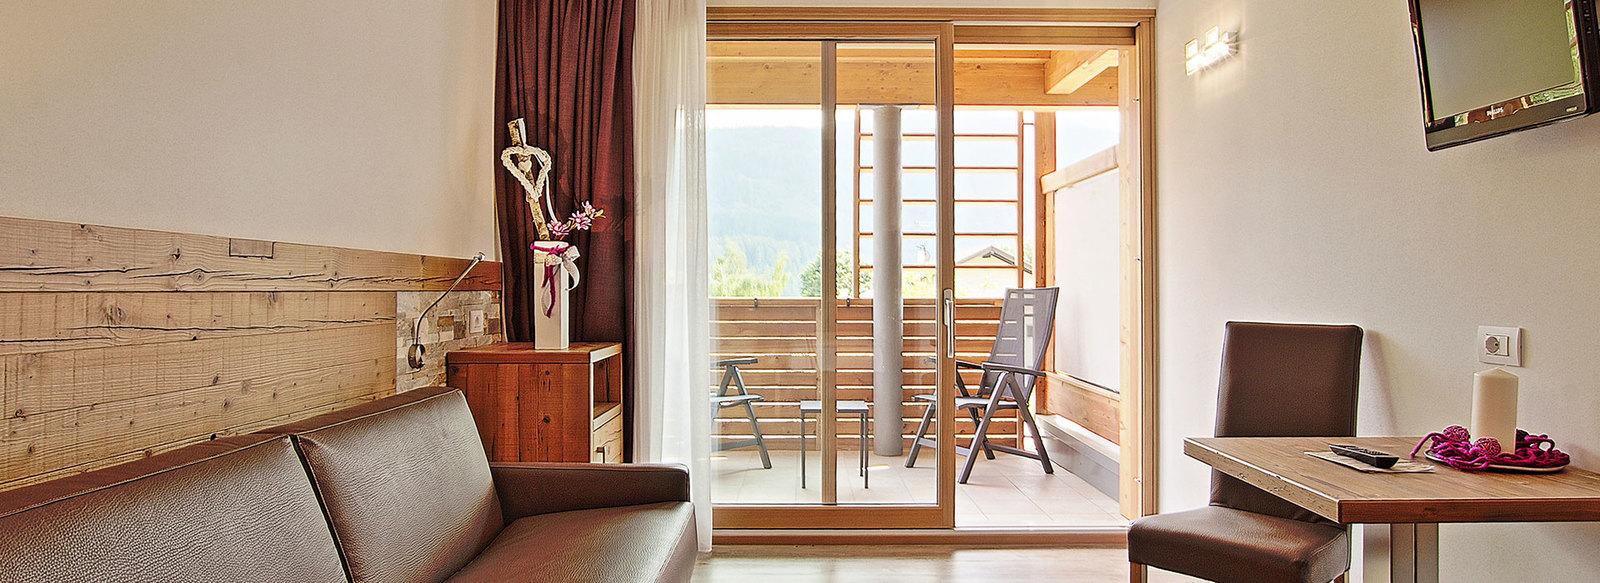 Family hotel nel cuore della Val di Fiemme